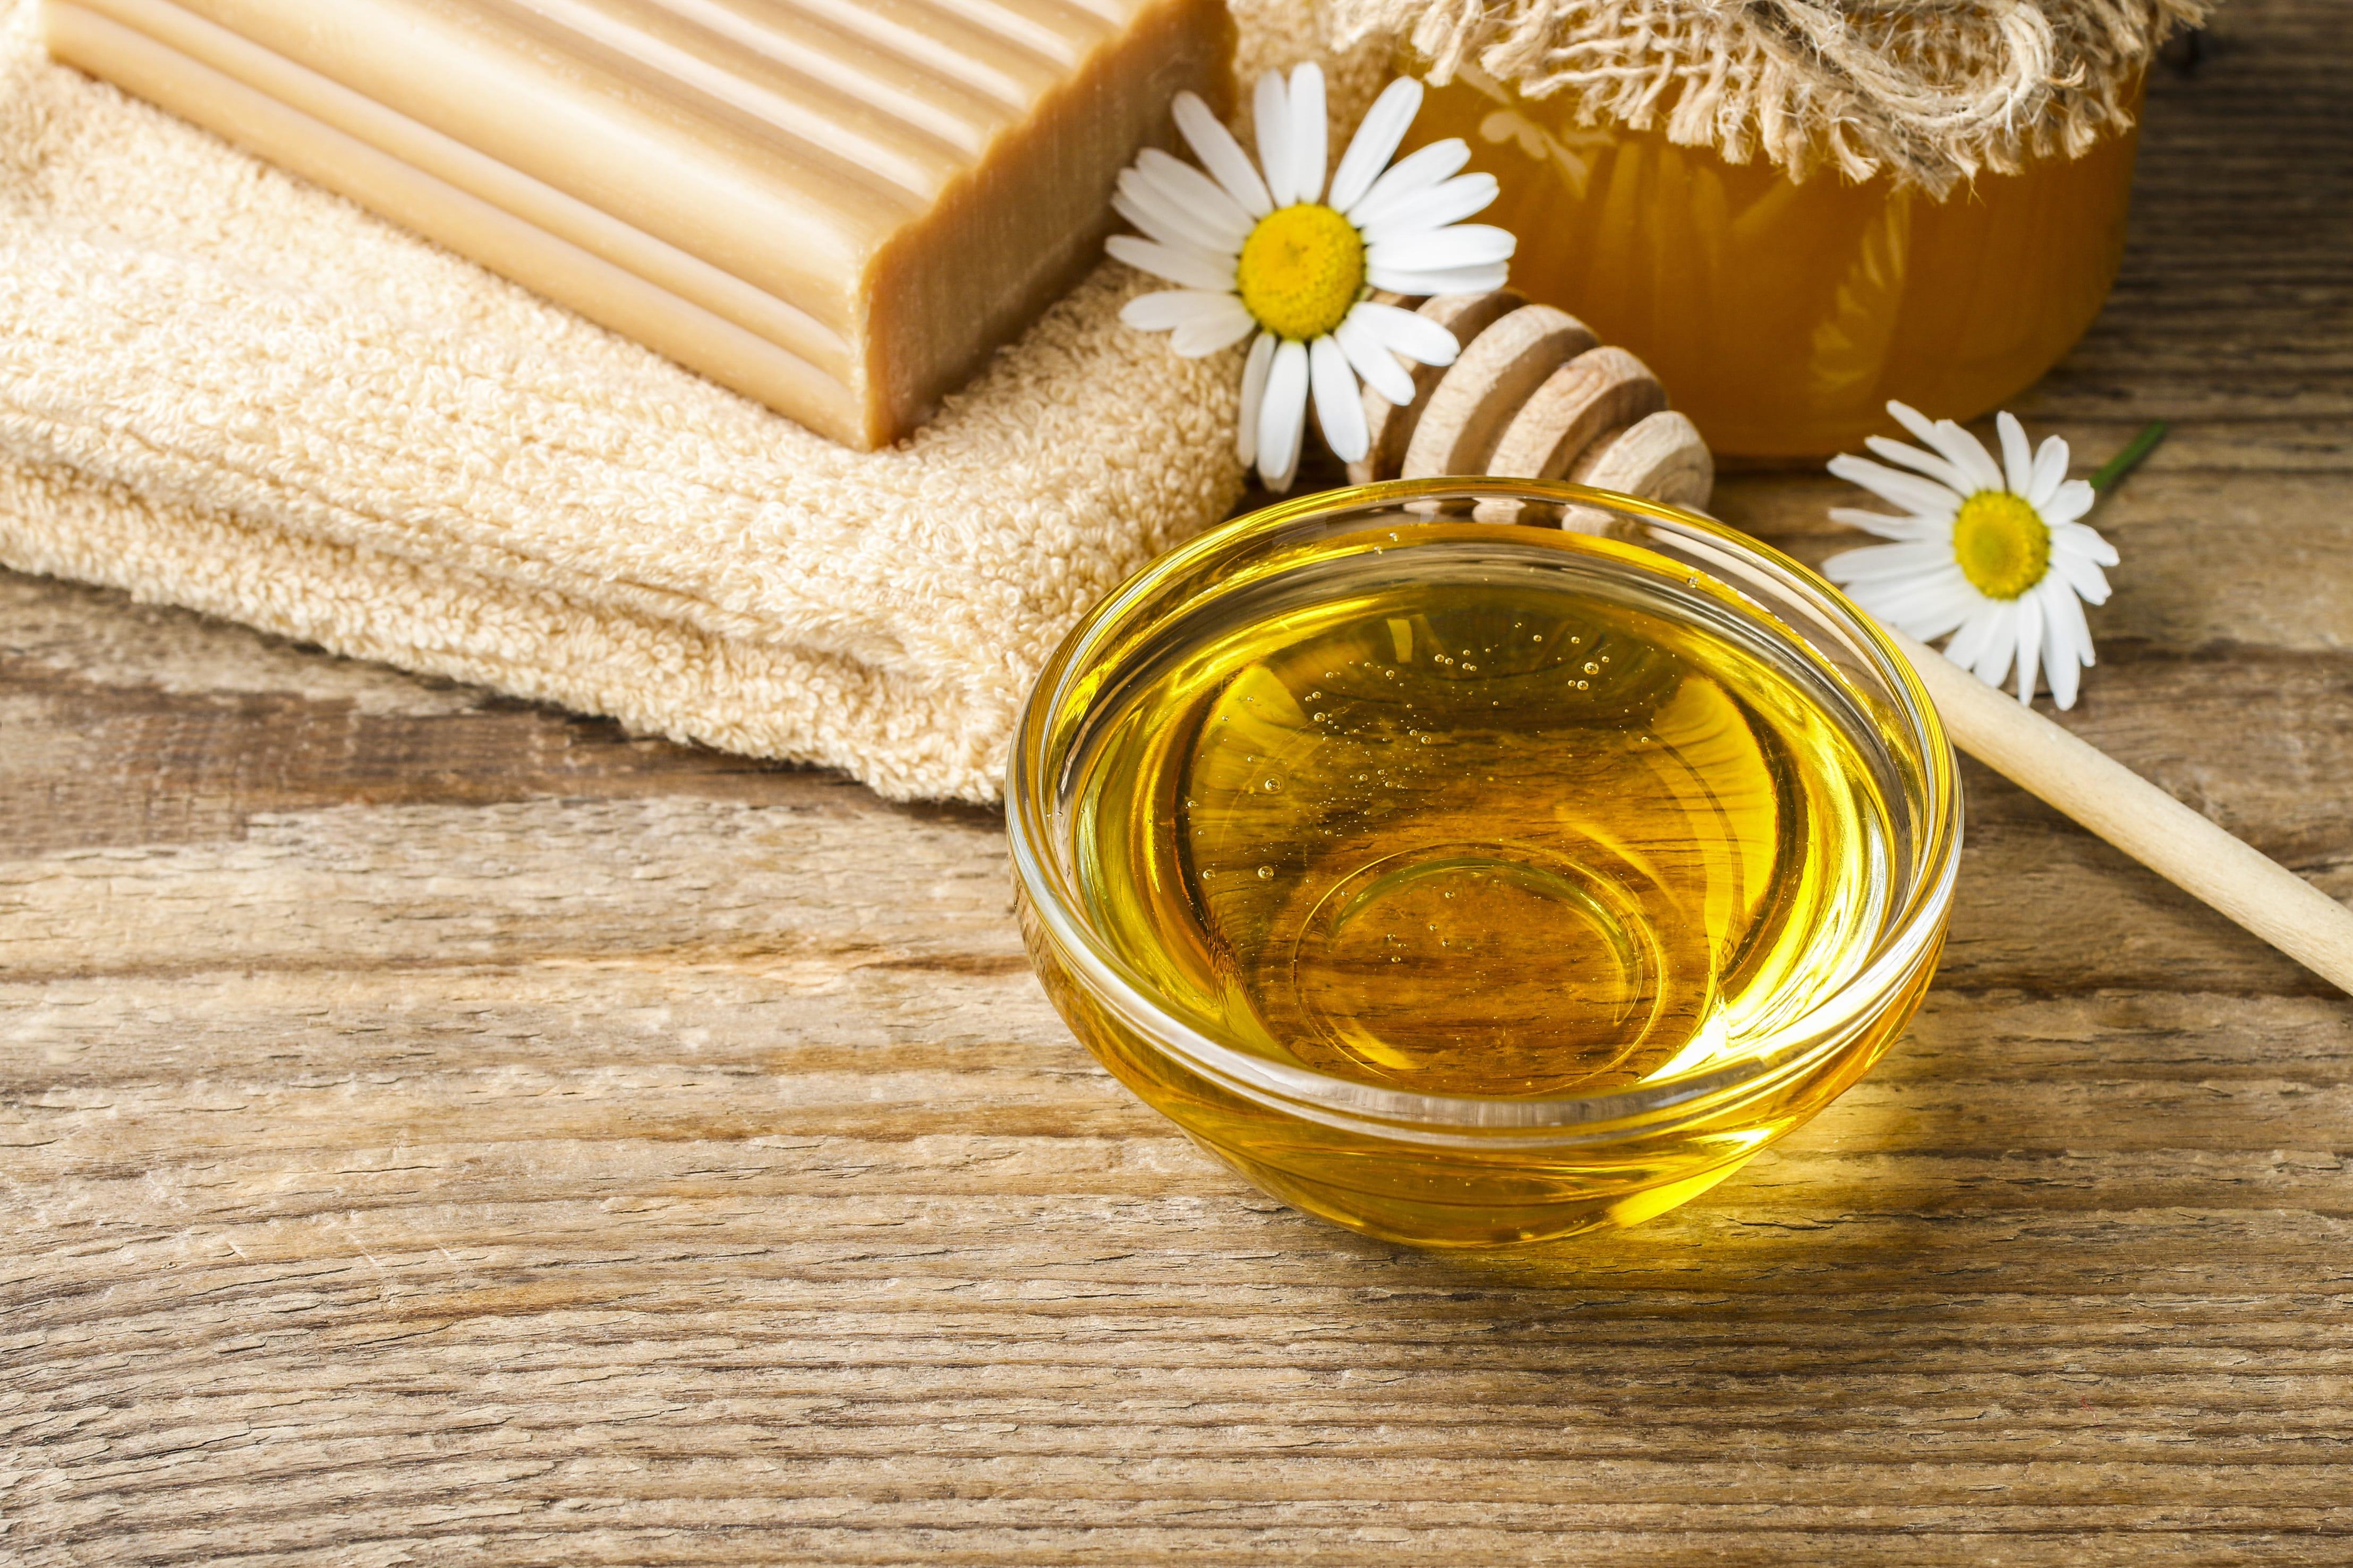 Honigreste verwenden – 5 Tipps